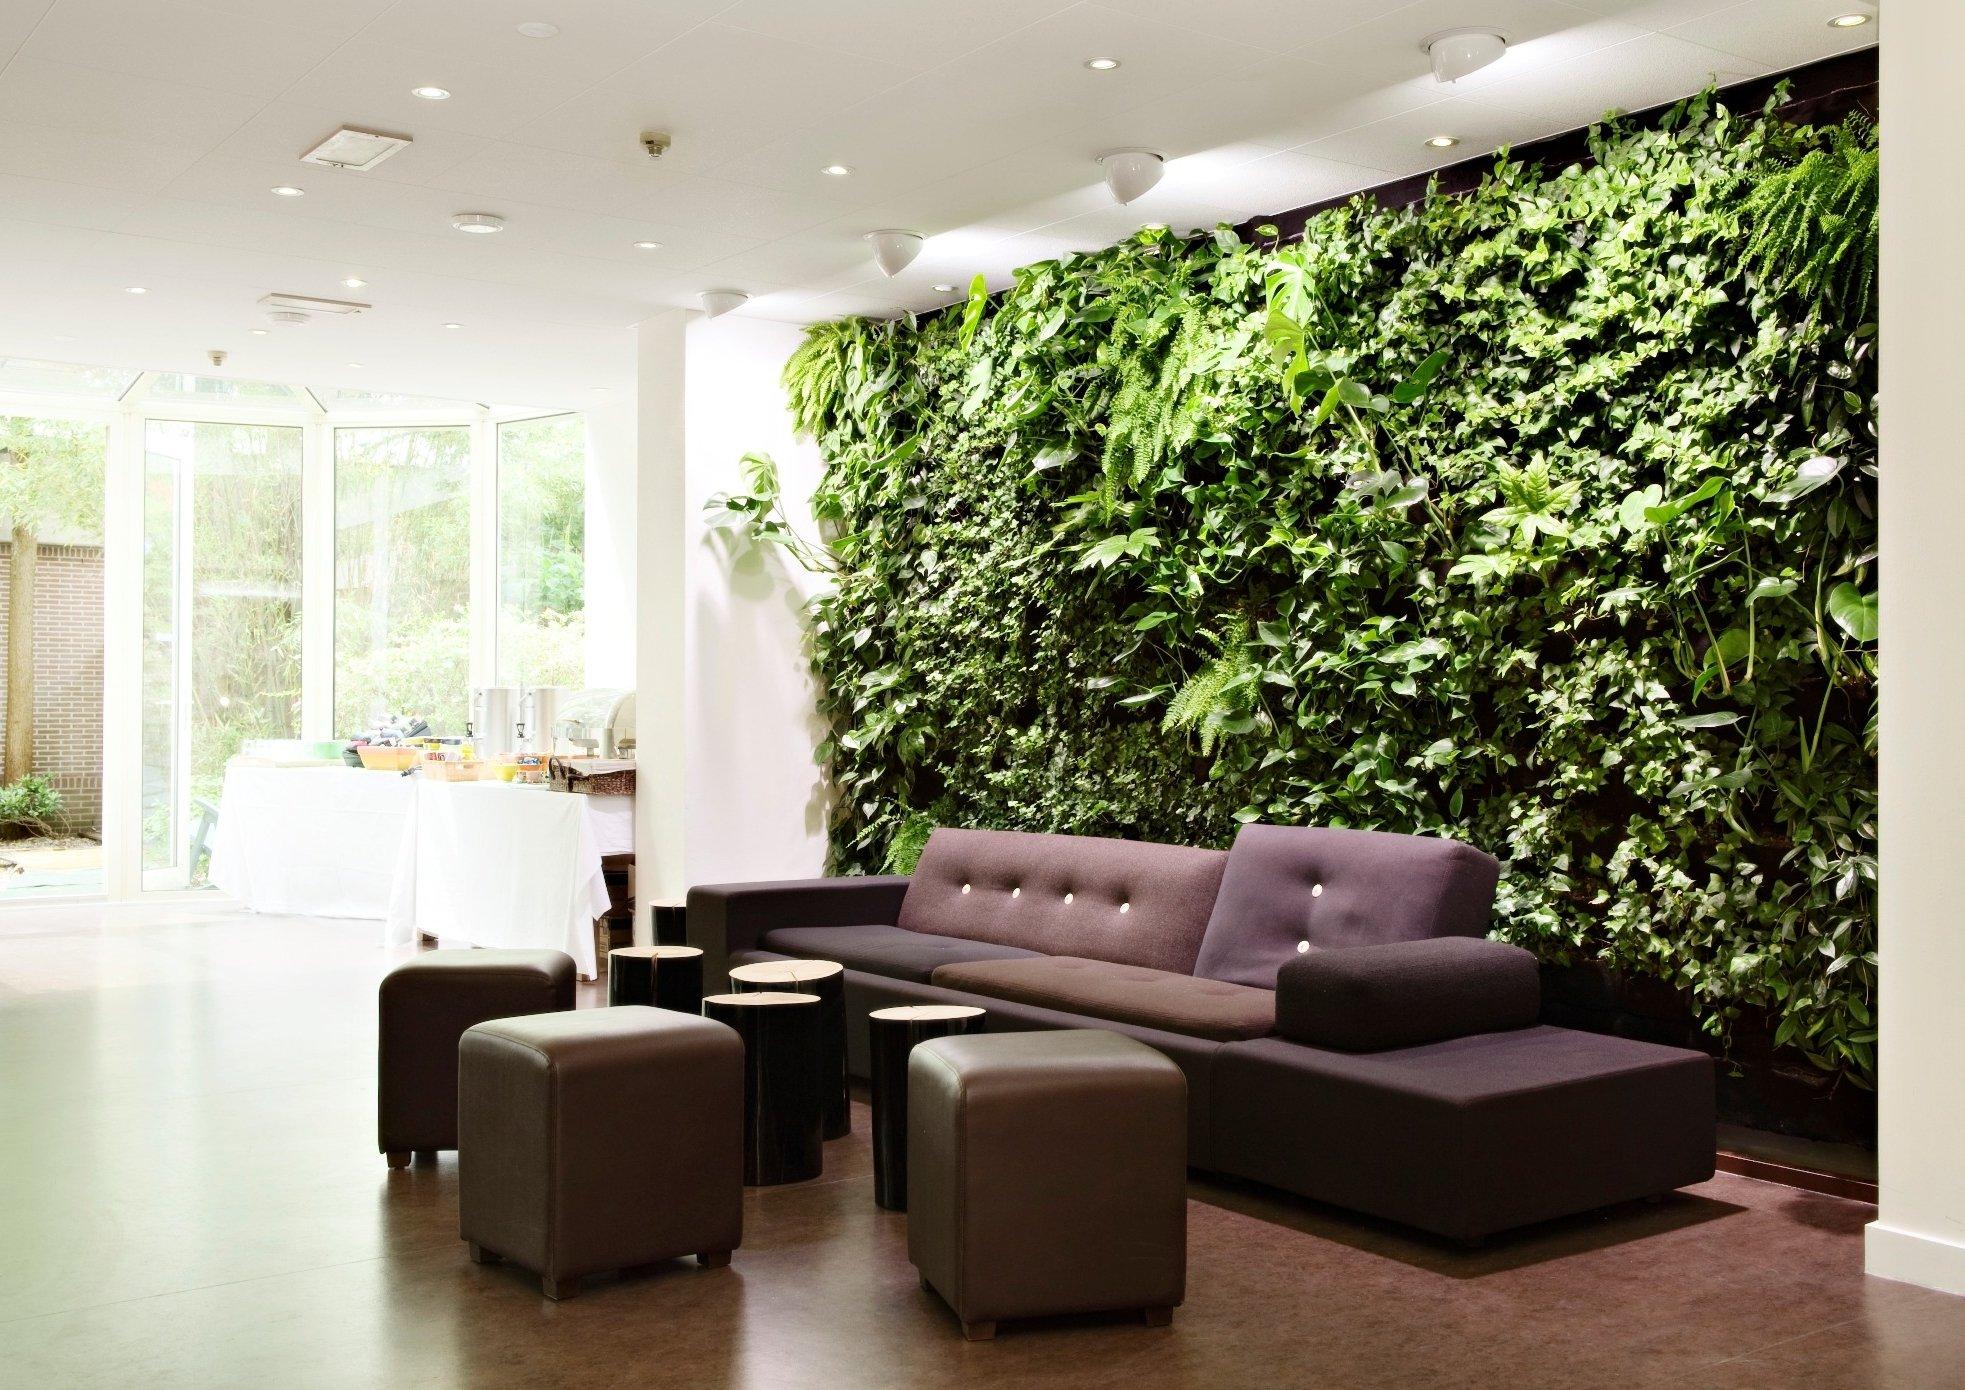 Ein Wand- ein Garten